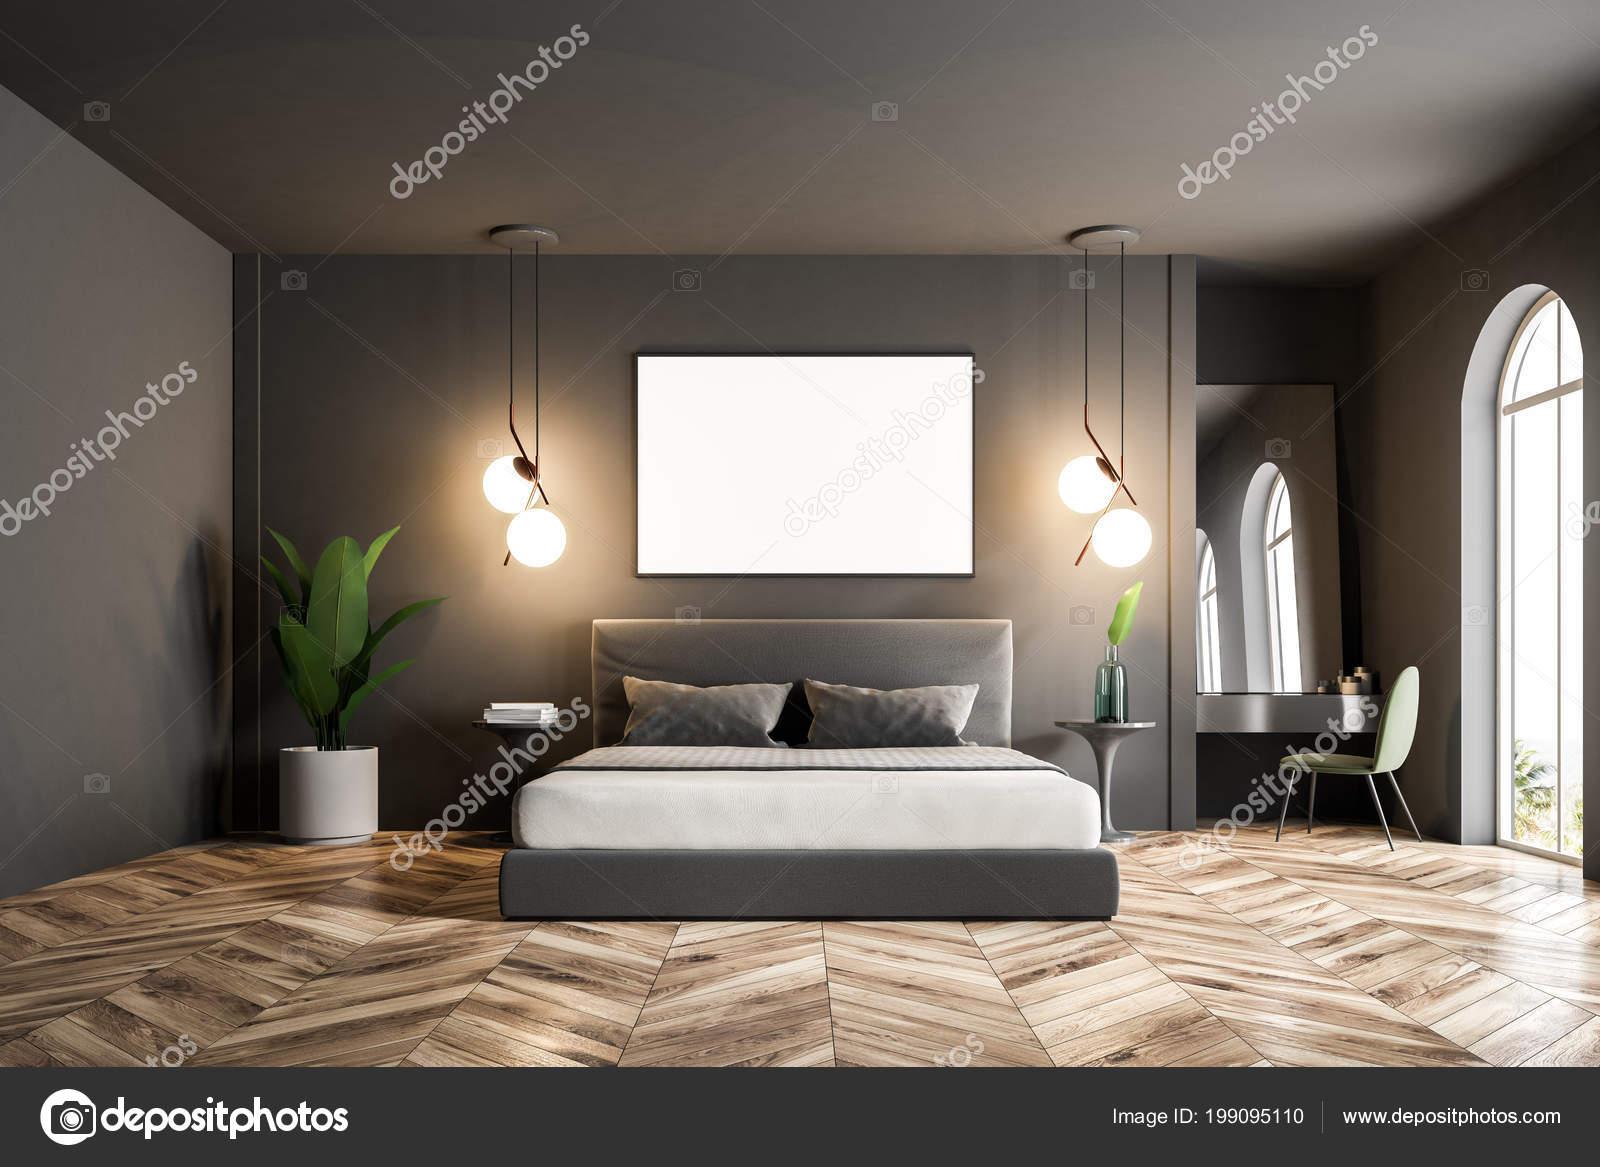 Slaapkamer Interieur Grijs : Moderne slaapkamer interieur met donker grijze muren een houten